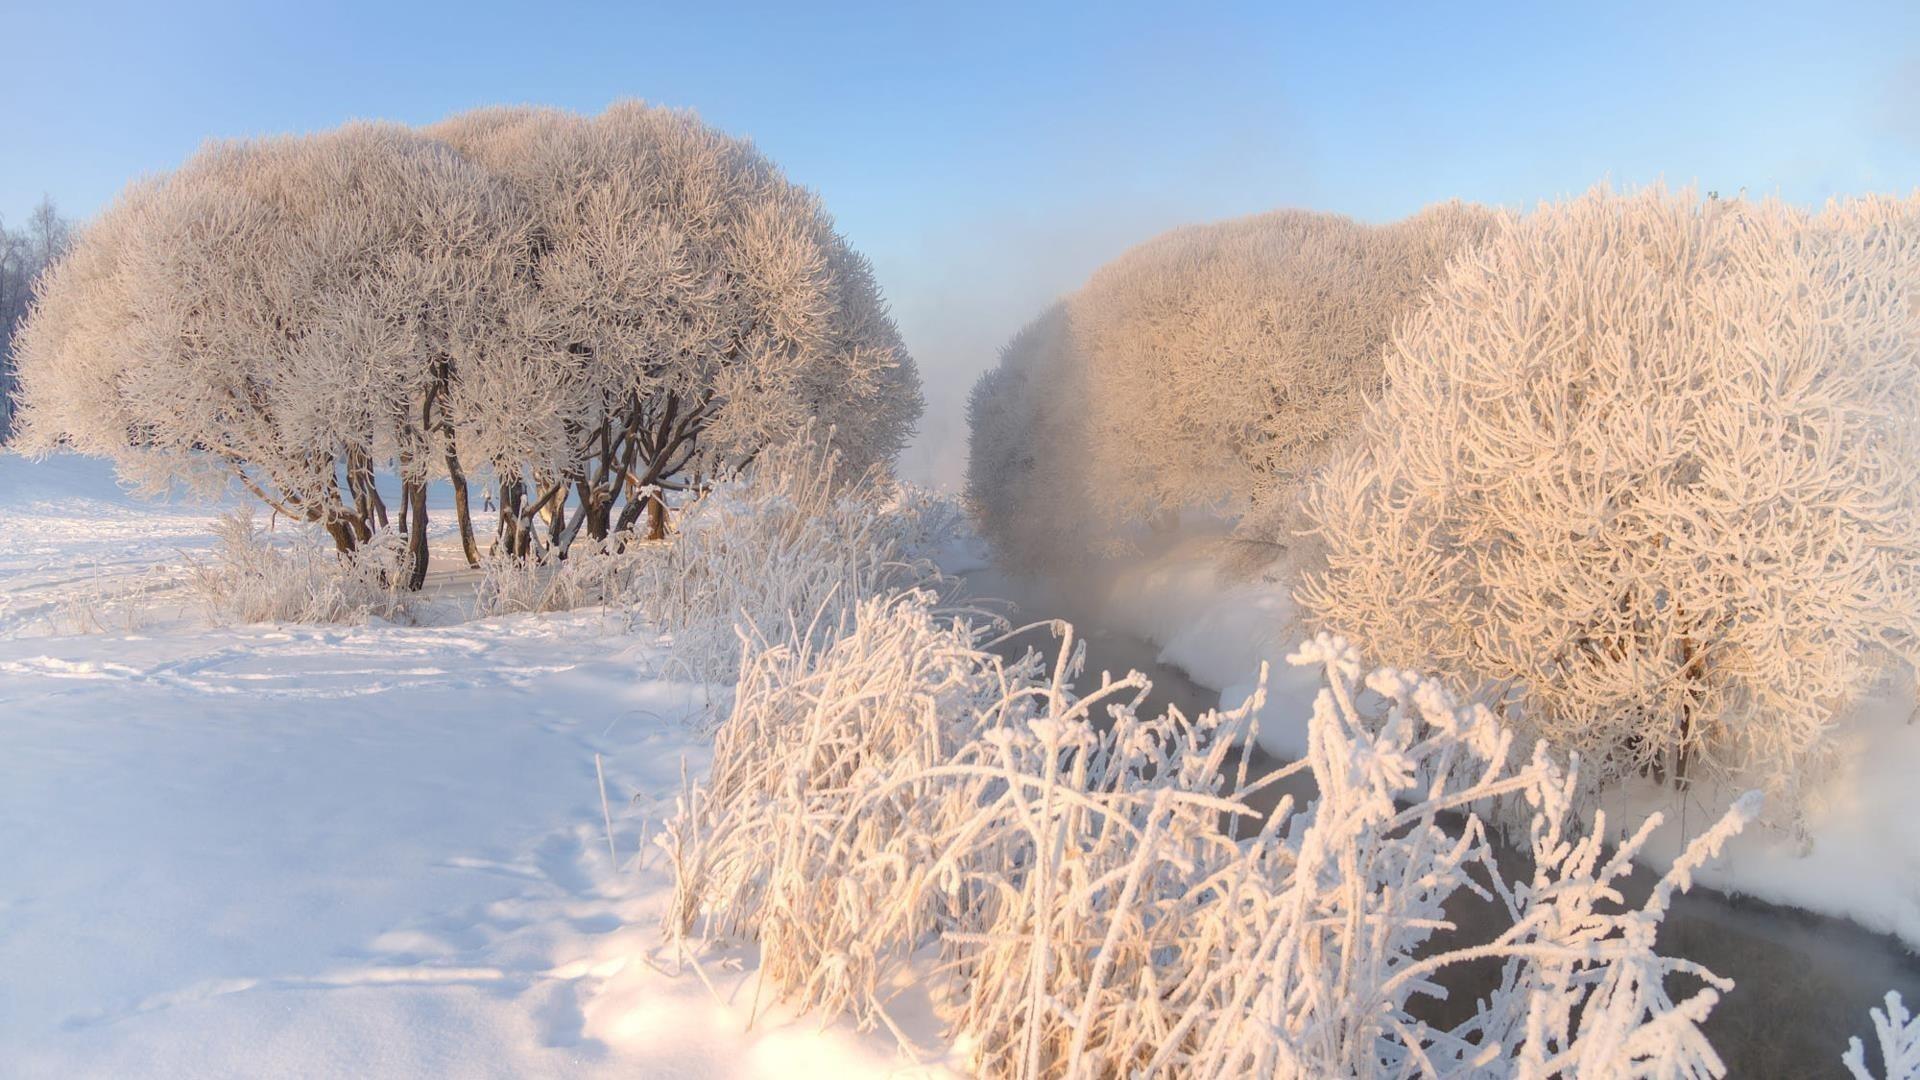 Река между снежным полем с деревьями во время зимней природы обои скачать